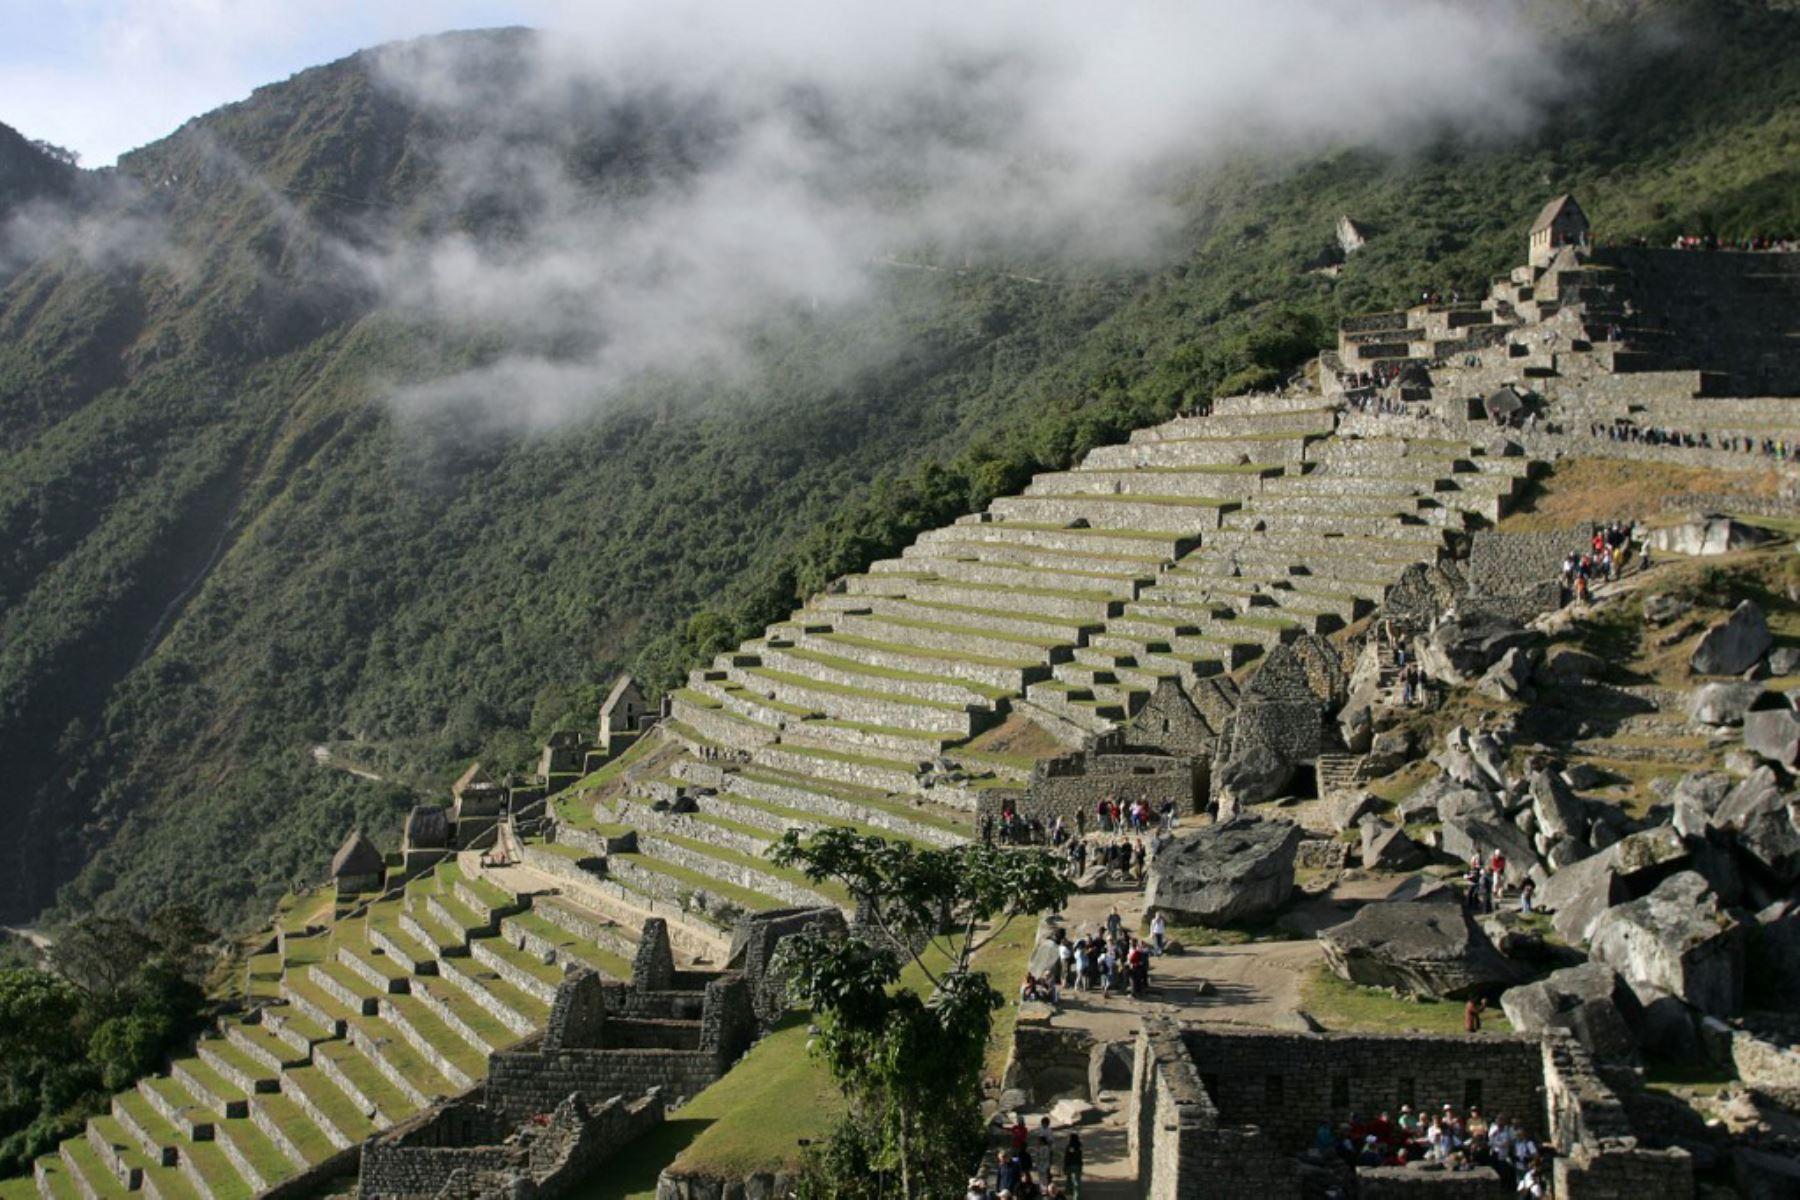 Vista general de la ciudadela inca de Machu Picchu en el departamento peruano de Cusco. Machu Picchu fue nombrada el 7 de julio de 2007 como una de las nuevas Siete Maravillas del Mundo en una ceremonia en Lisboa. Foto: AFP